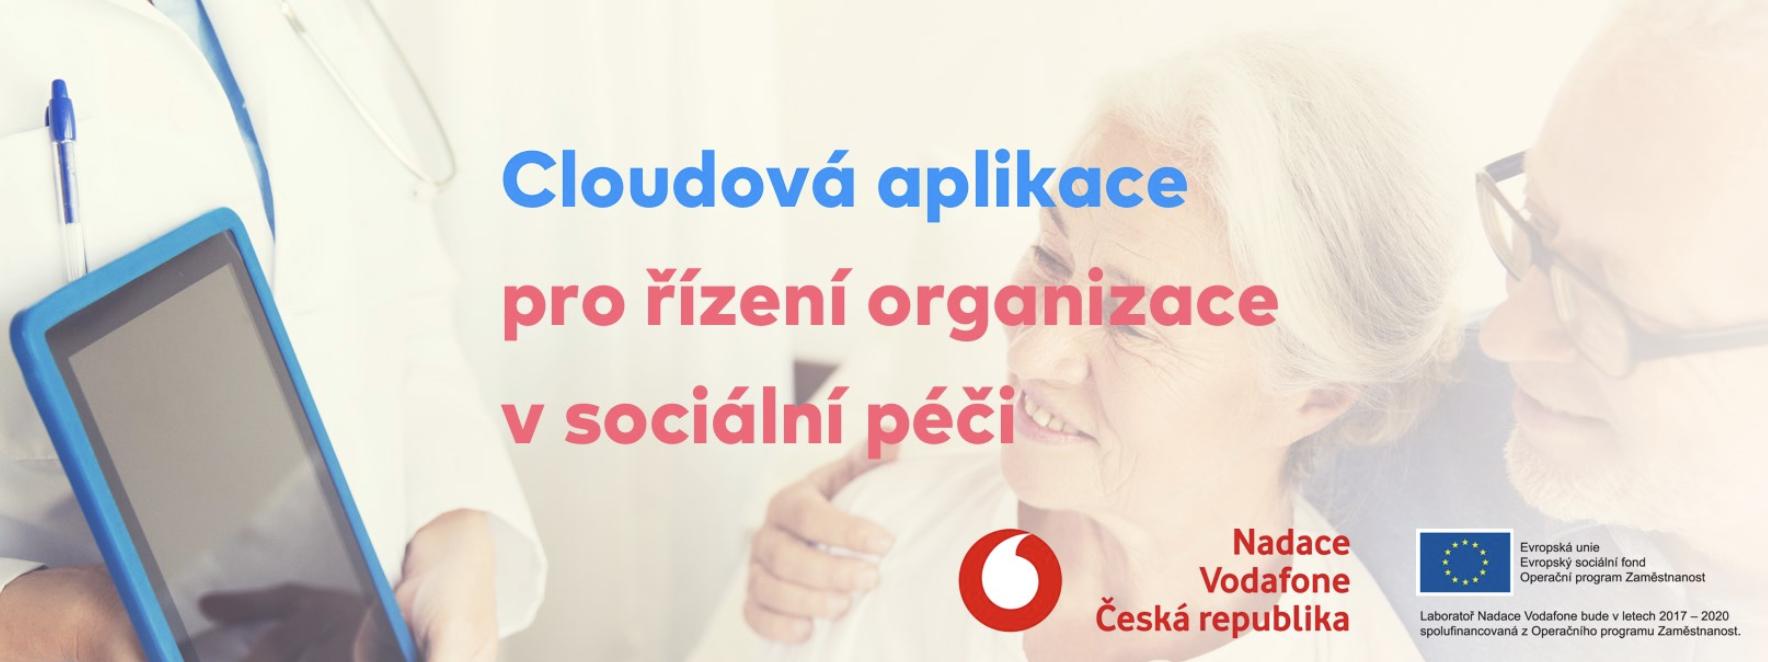 veruapp-social